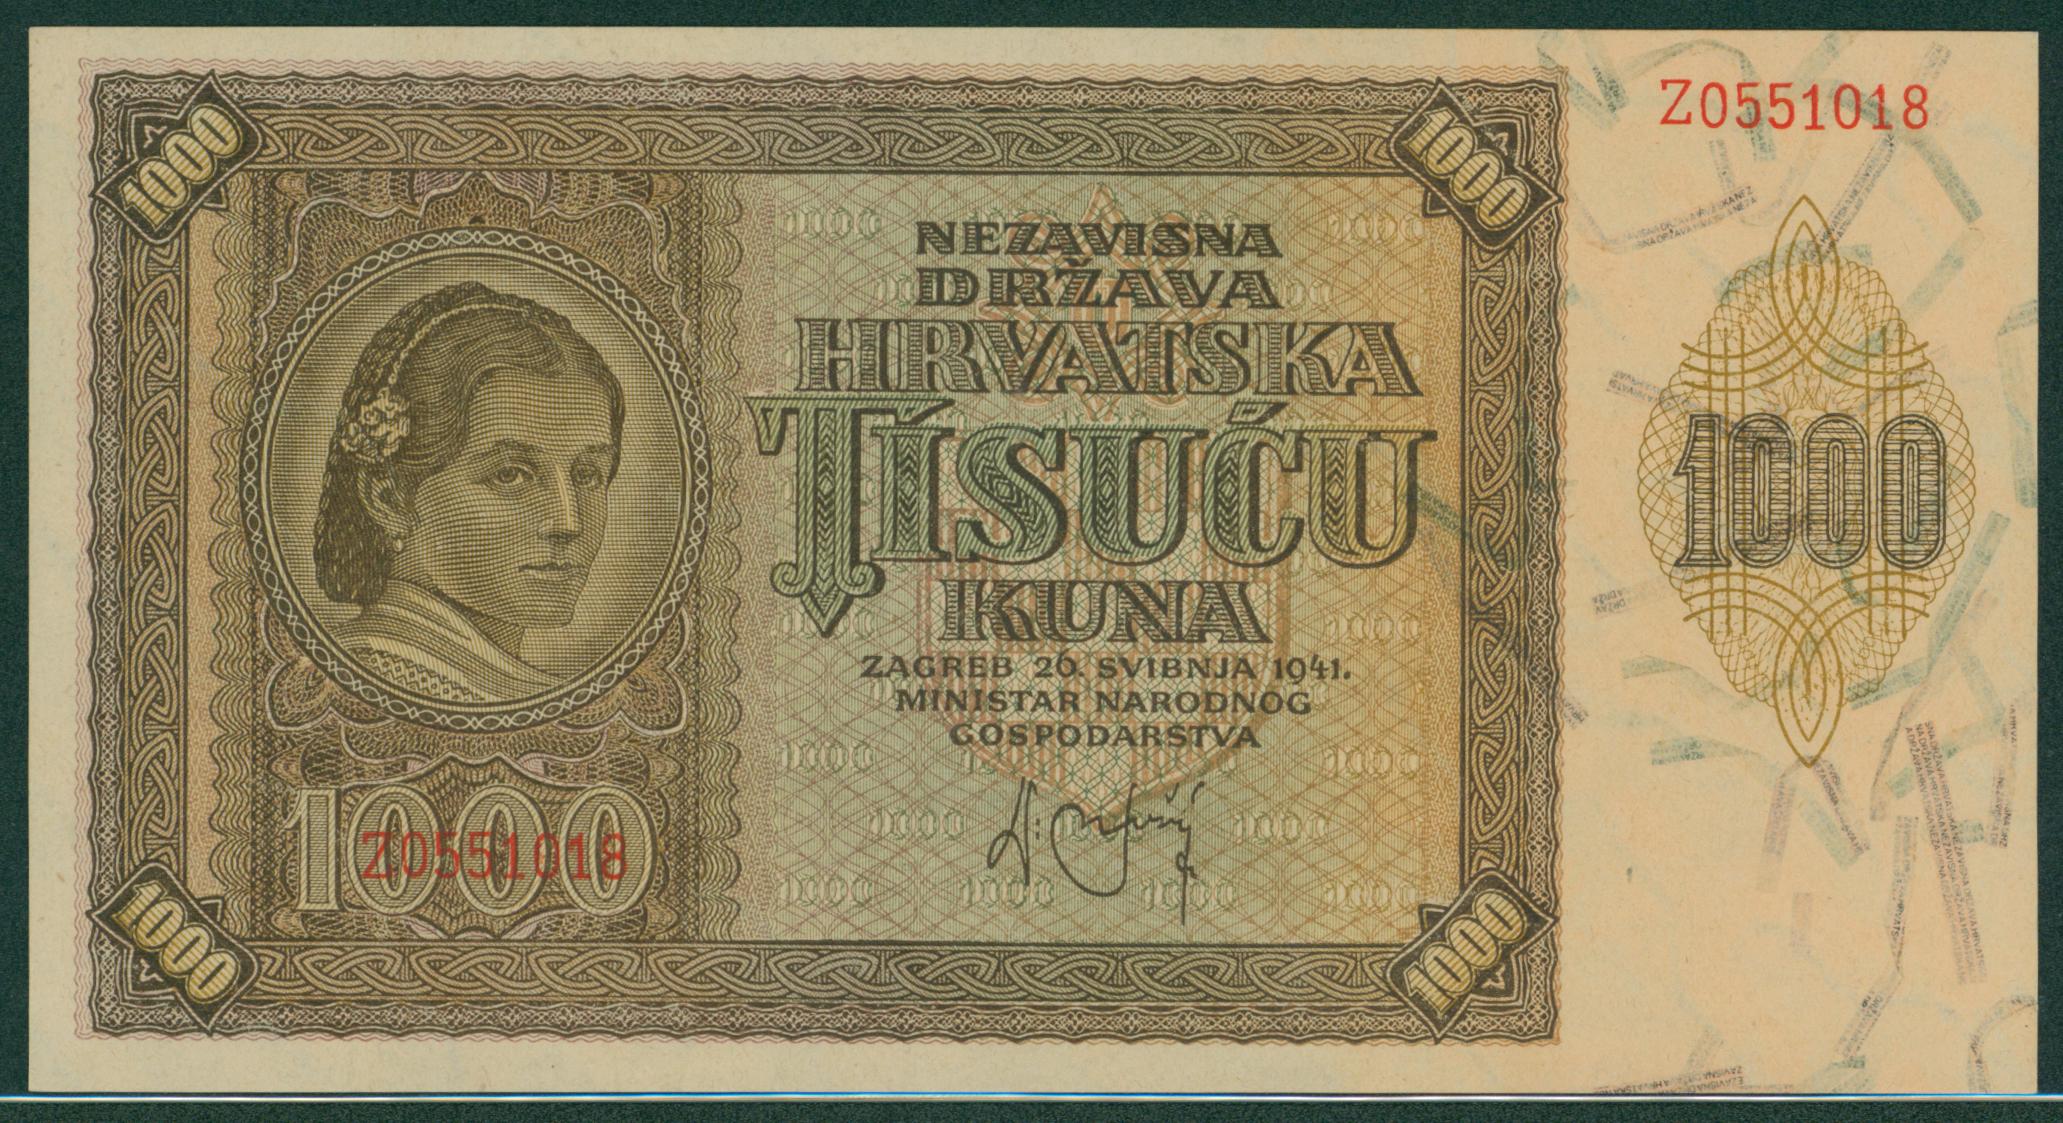 Croatia 1941 1000 kuna